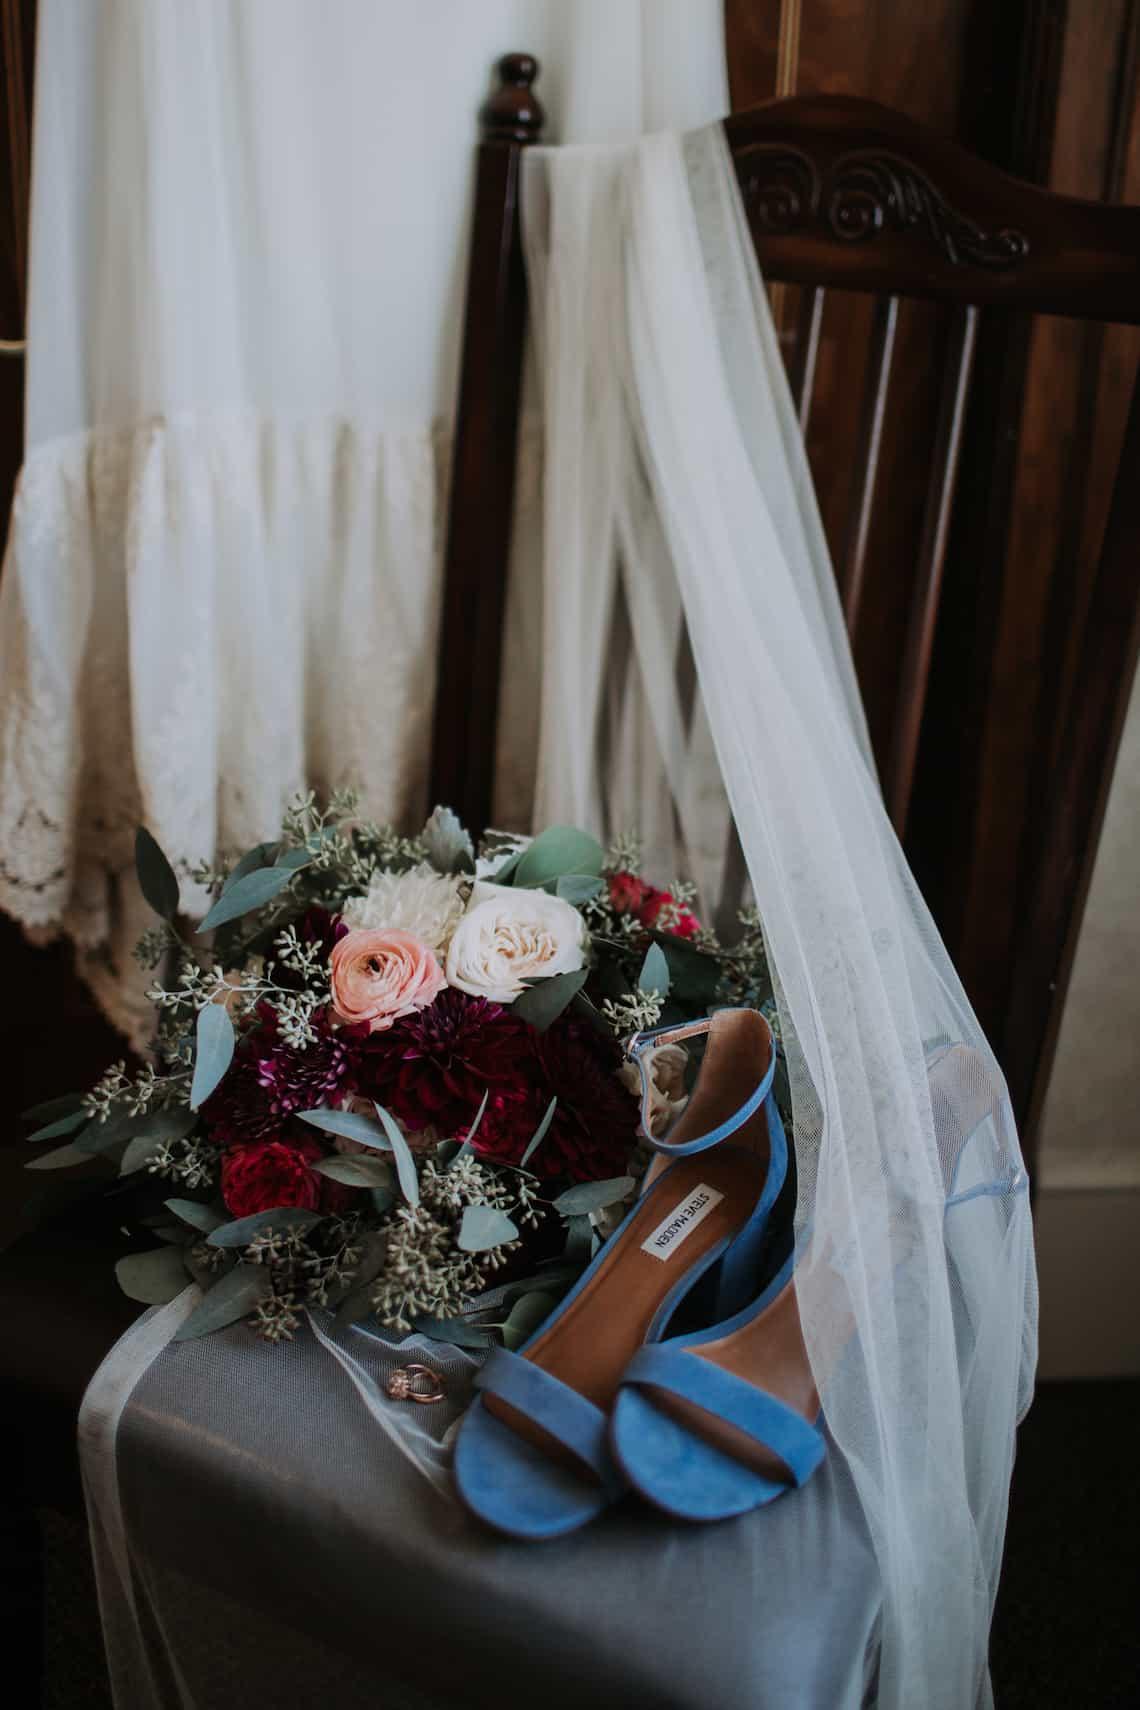 Bride Shoes, Bouquet and Veil